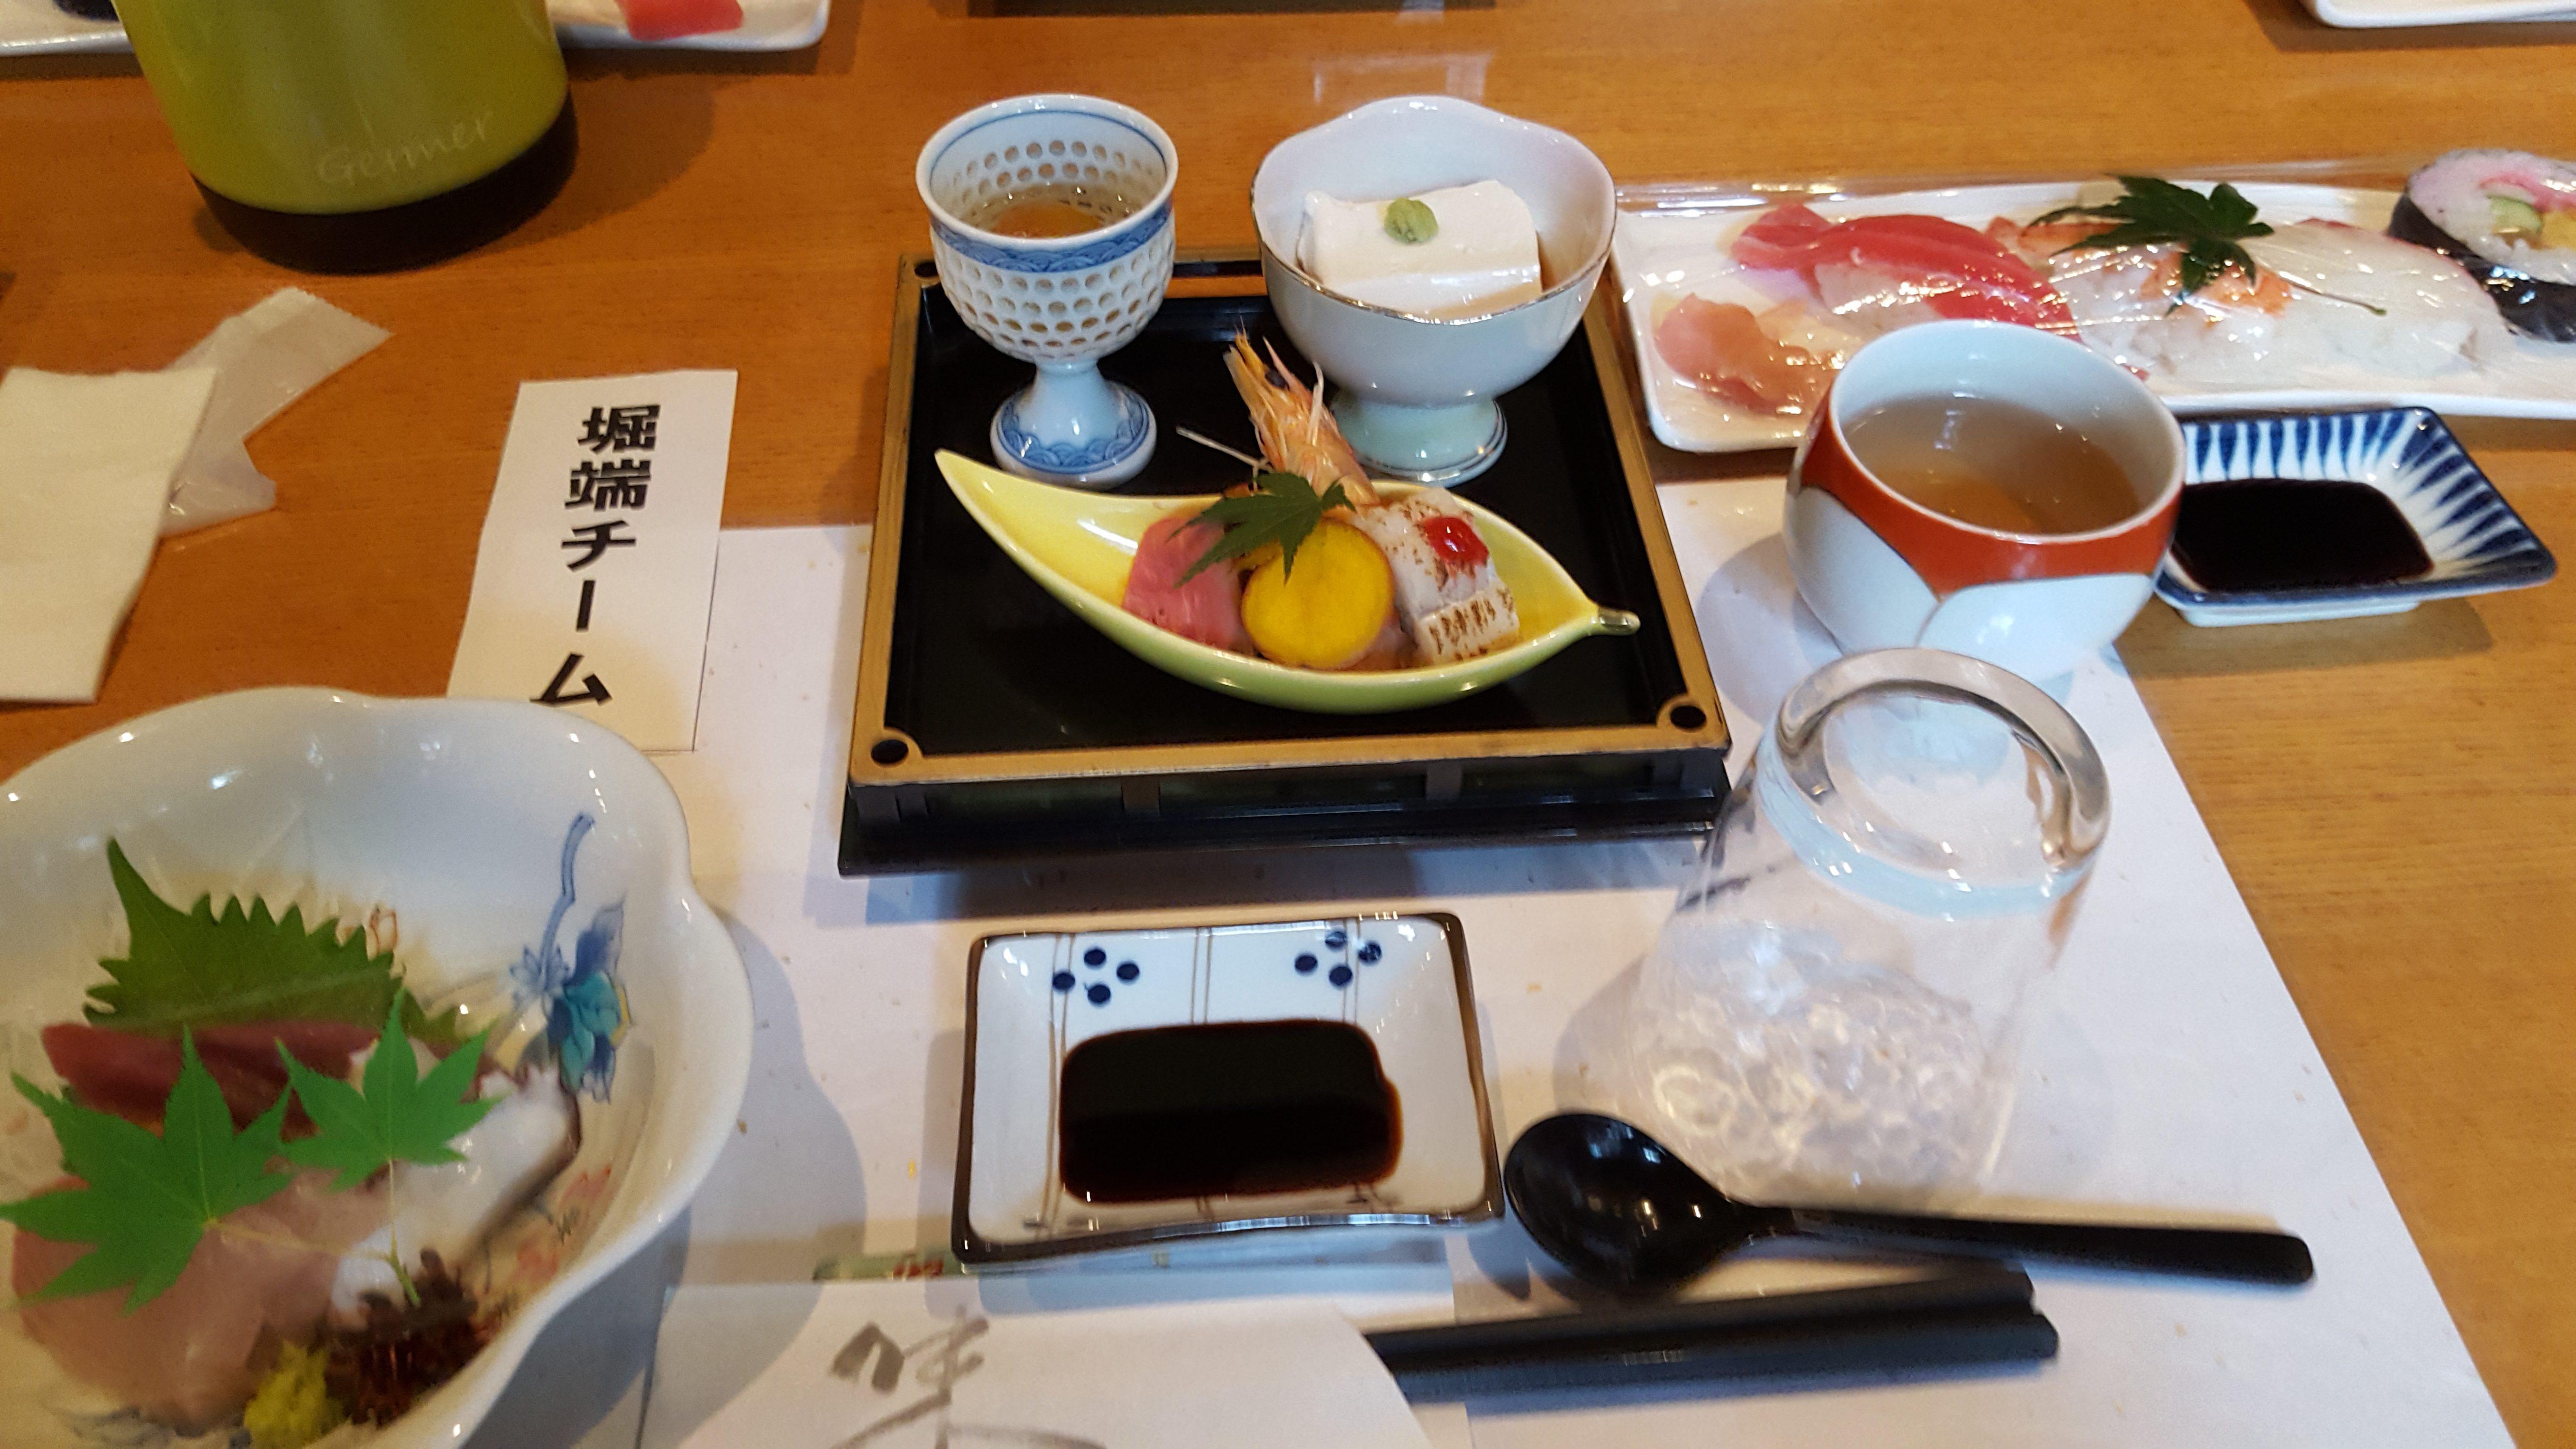 【わかたけ】熊本城南にある刺身が美味しい~和食店!